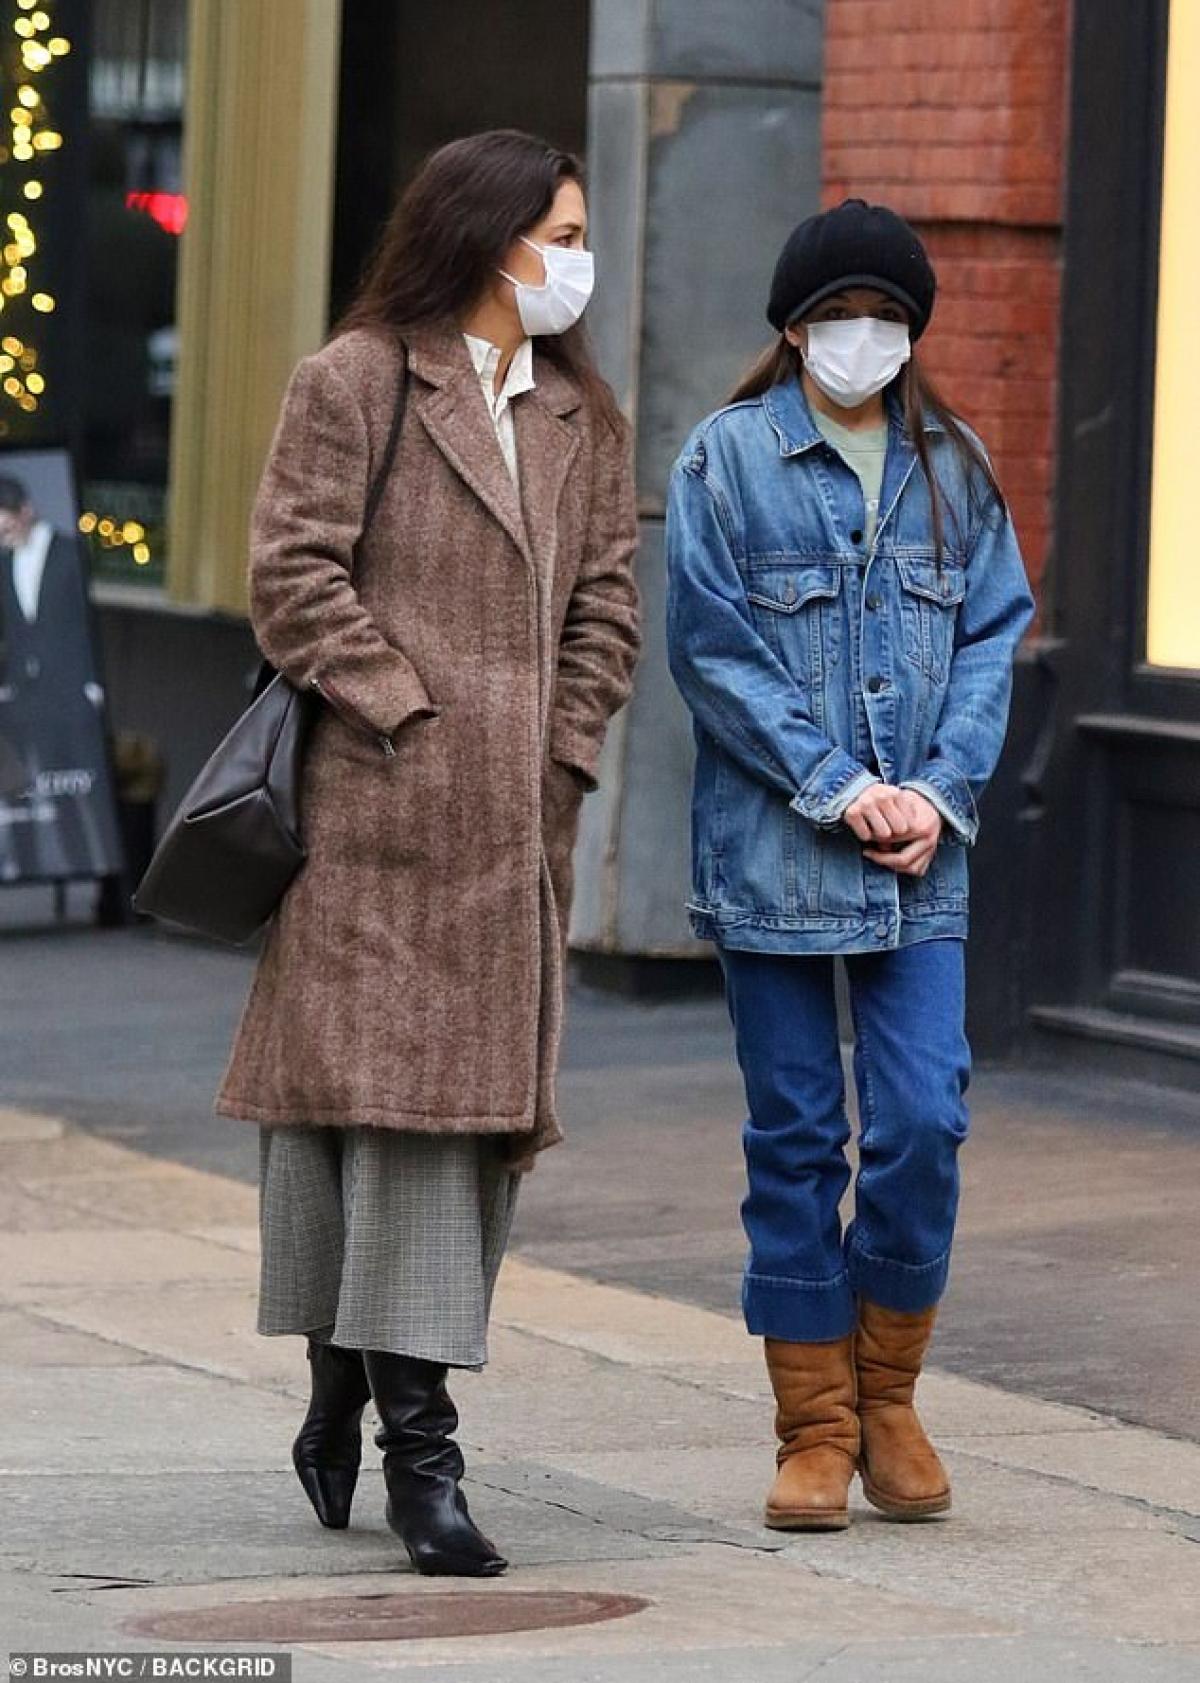 Bé Suri Cruise hào hứng đi mua sắm cùng mẹ Katie Holmes ở New York trong những ngày đầu năm mới.